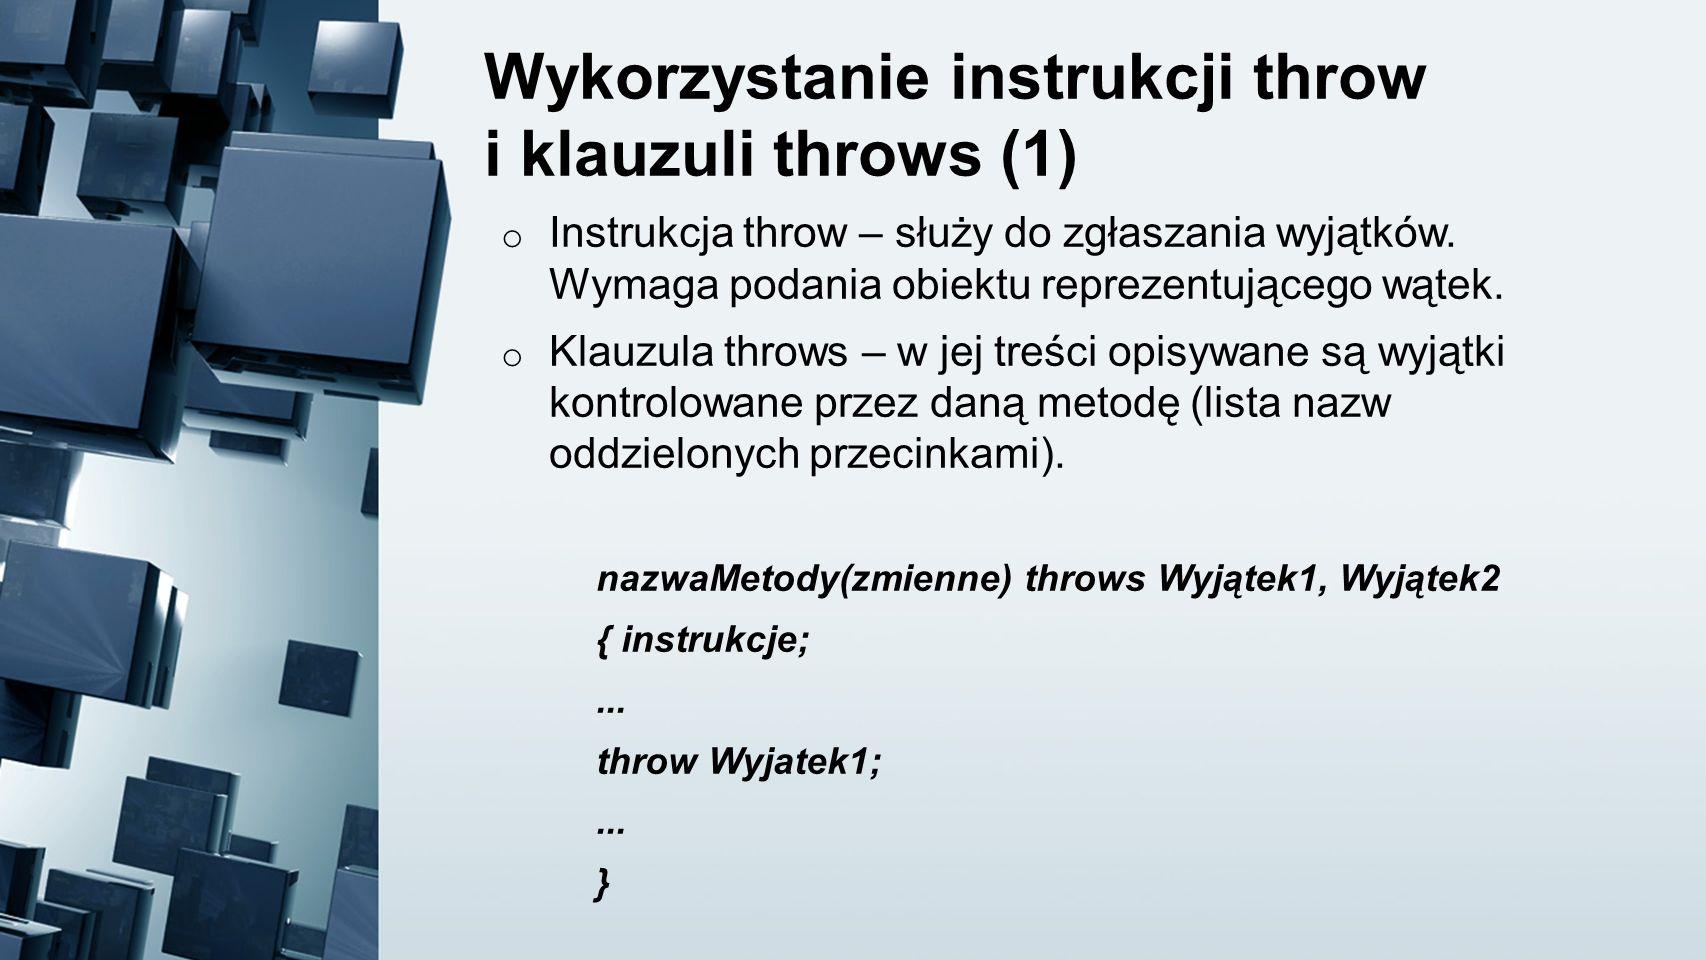 Wykorzystanie instrukcji throw i klauzuli throws (1)